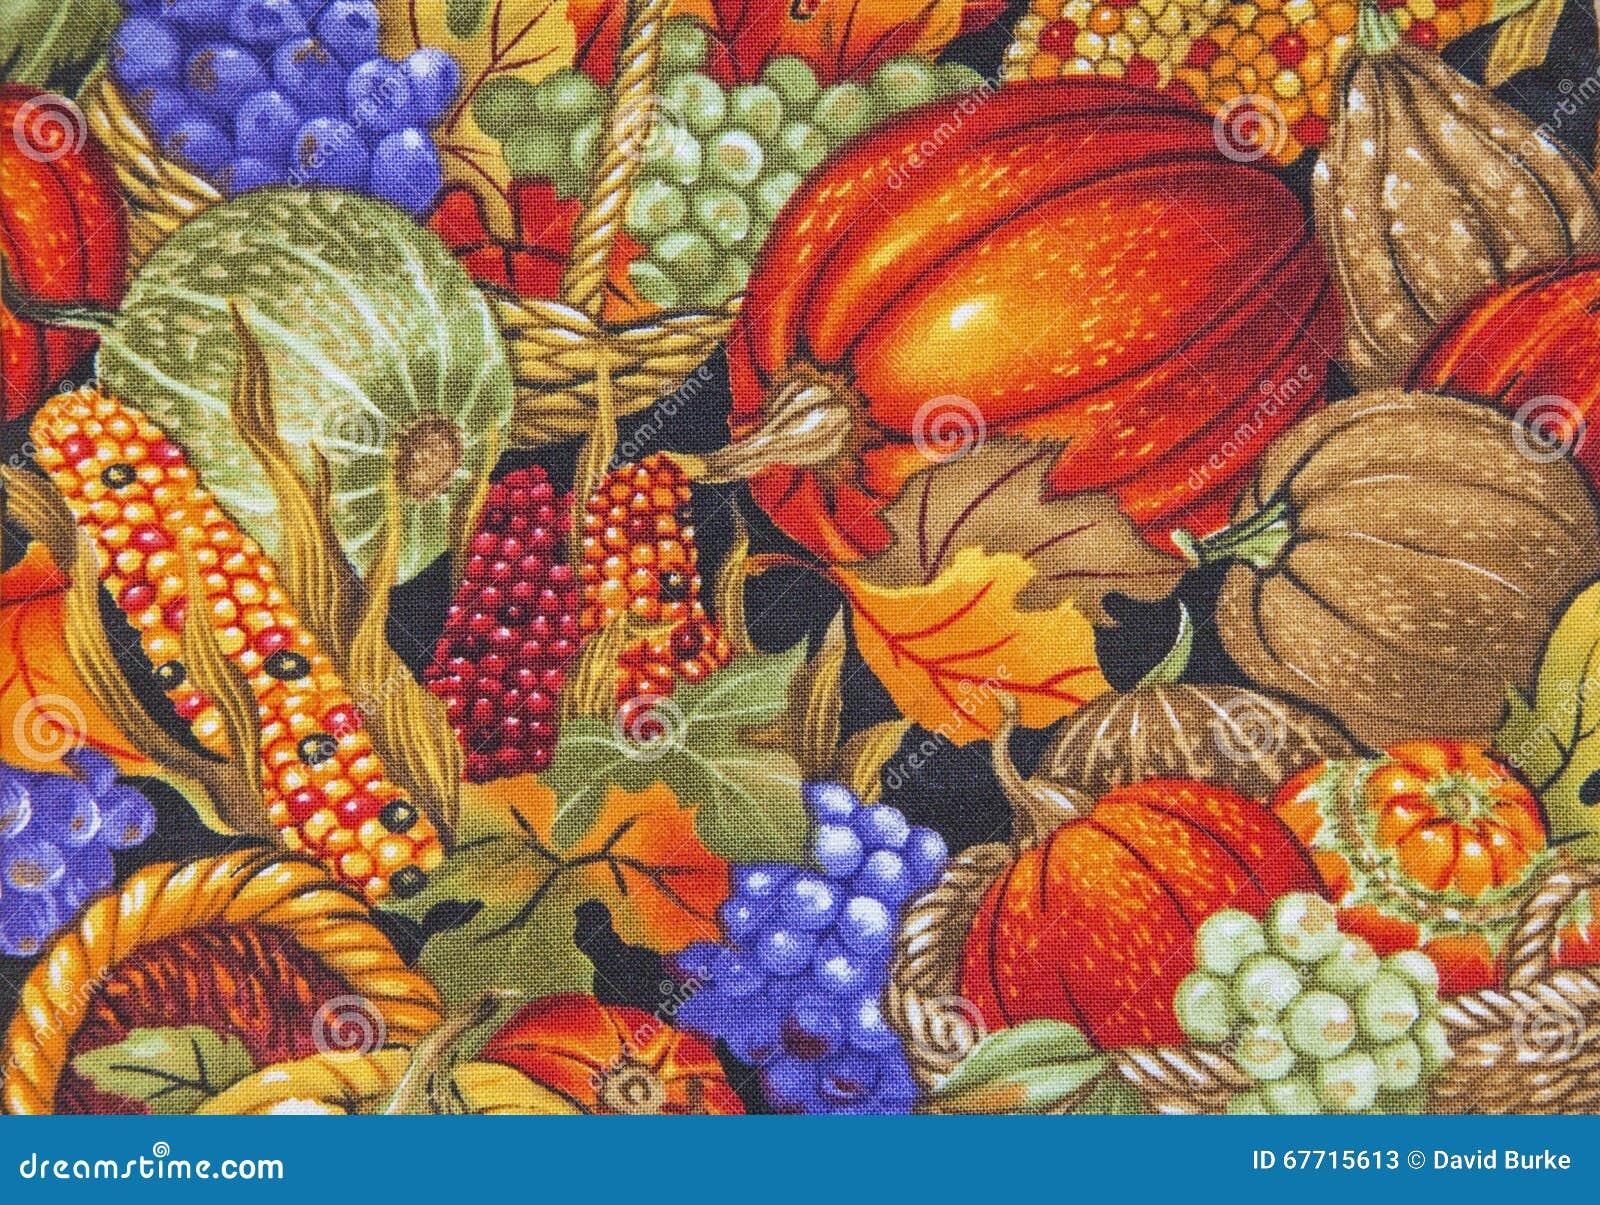 南瓜葡萄玉米棒子瓜秋天秋天农厂收获庄稼汇集拼贴画落叶子,并且篮子图片